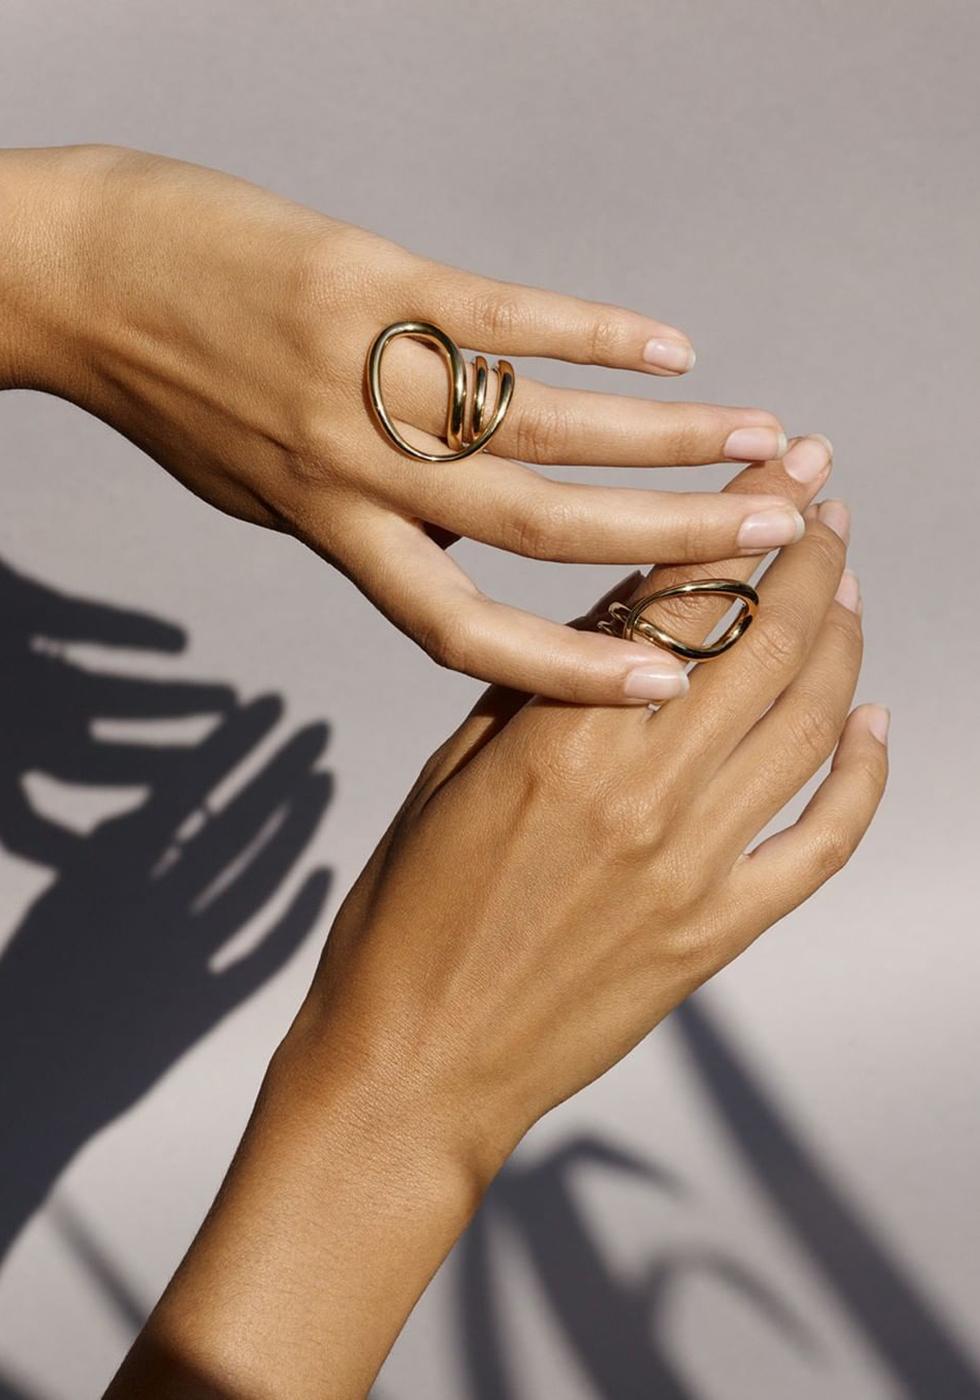 charlottechesnaisjewelry5